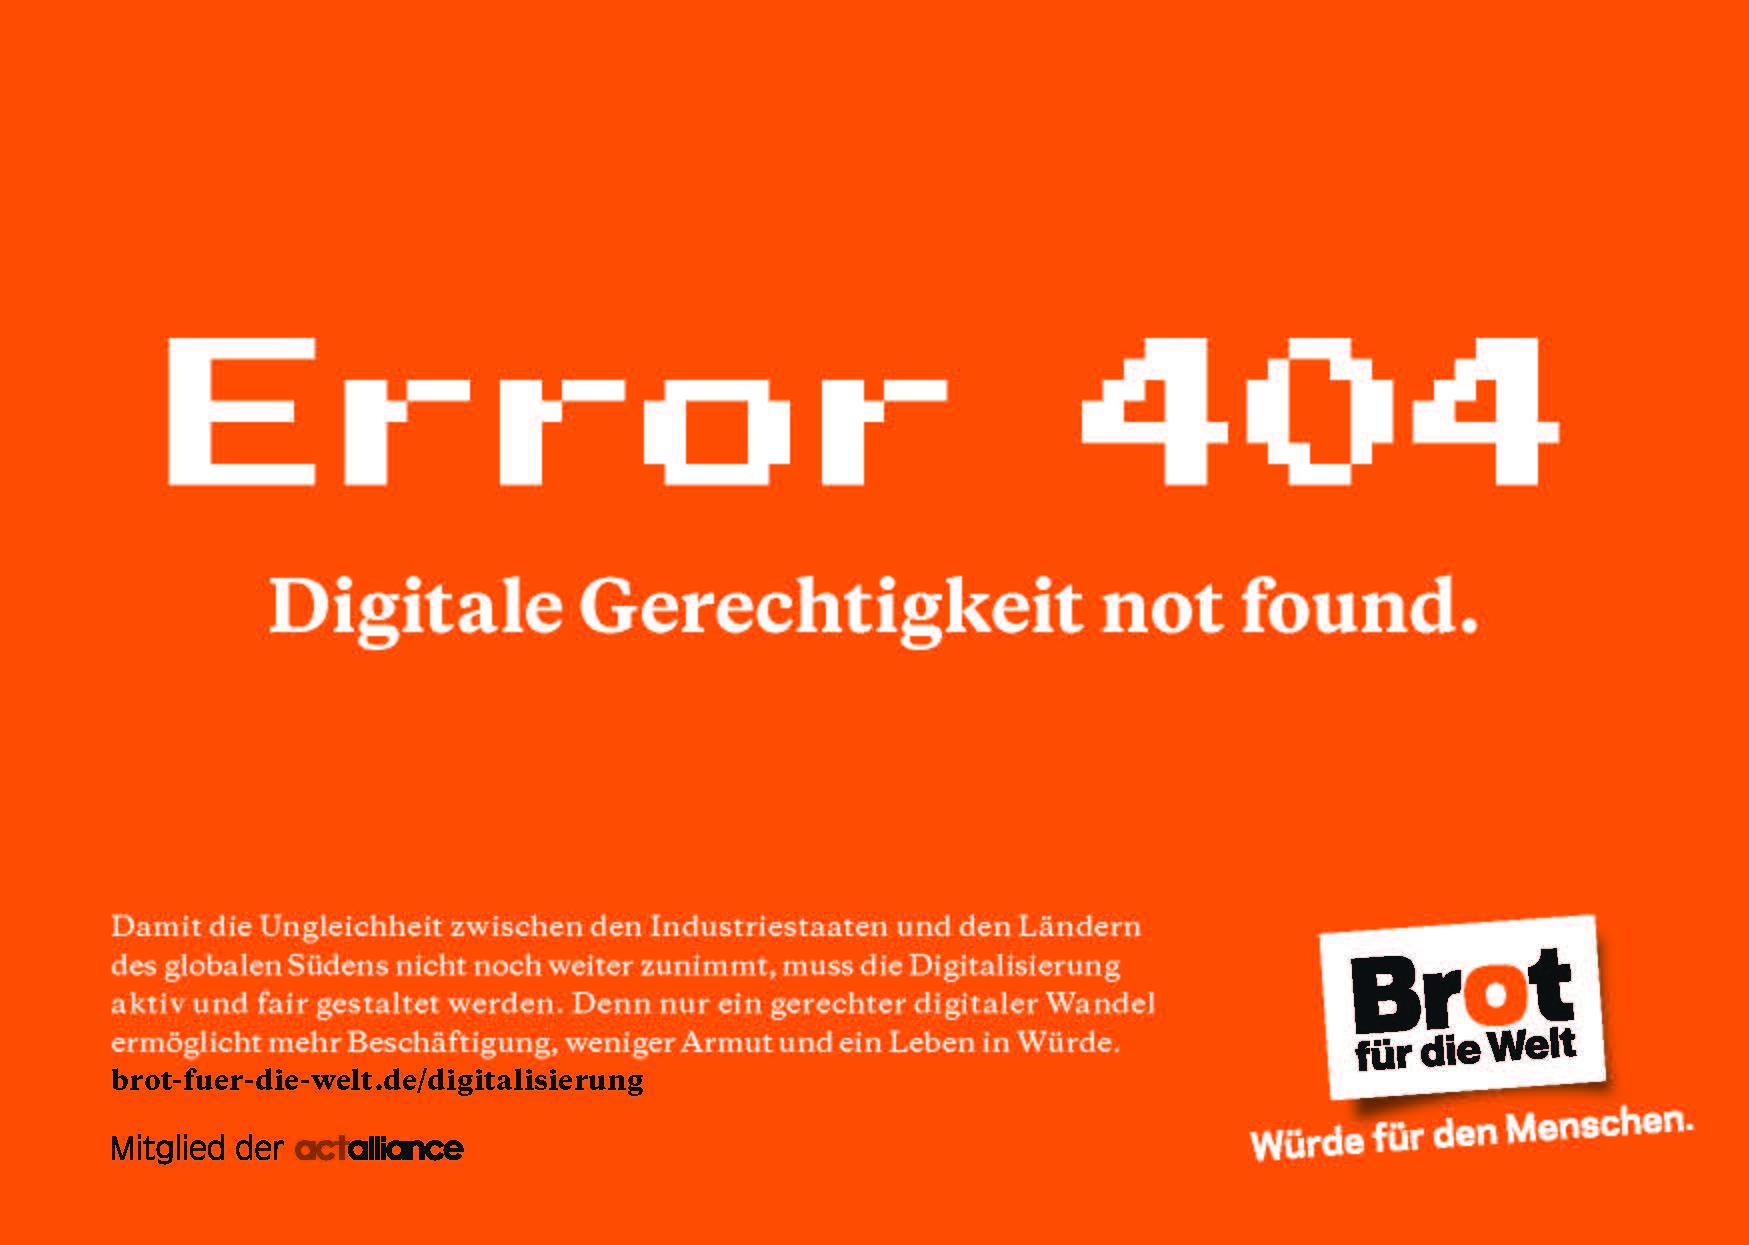 Postkarte: Error 404